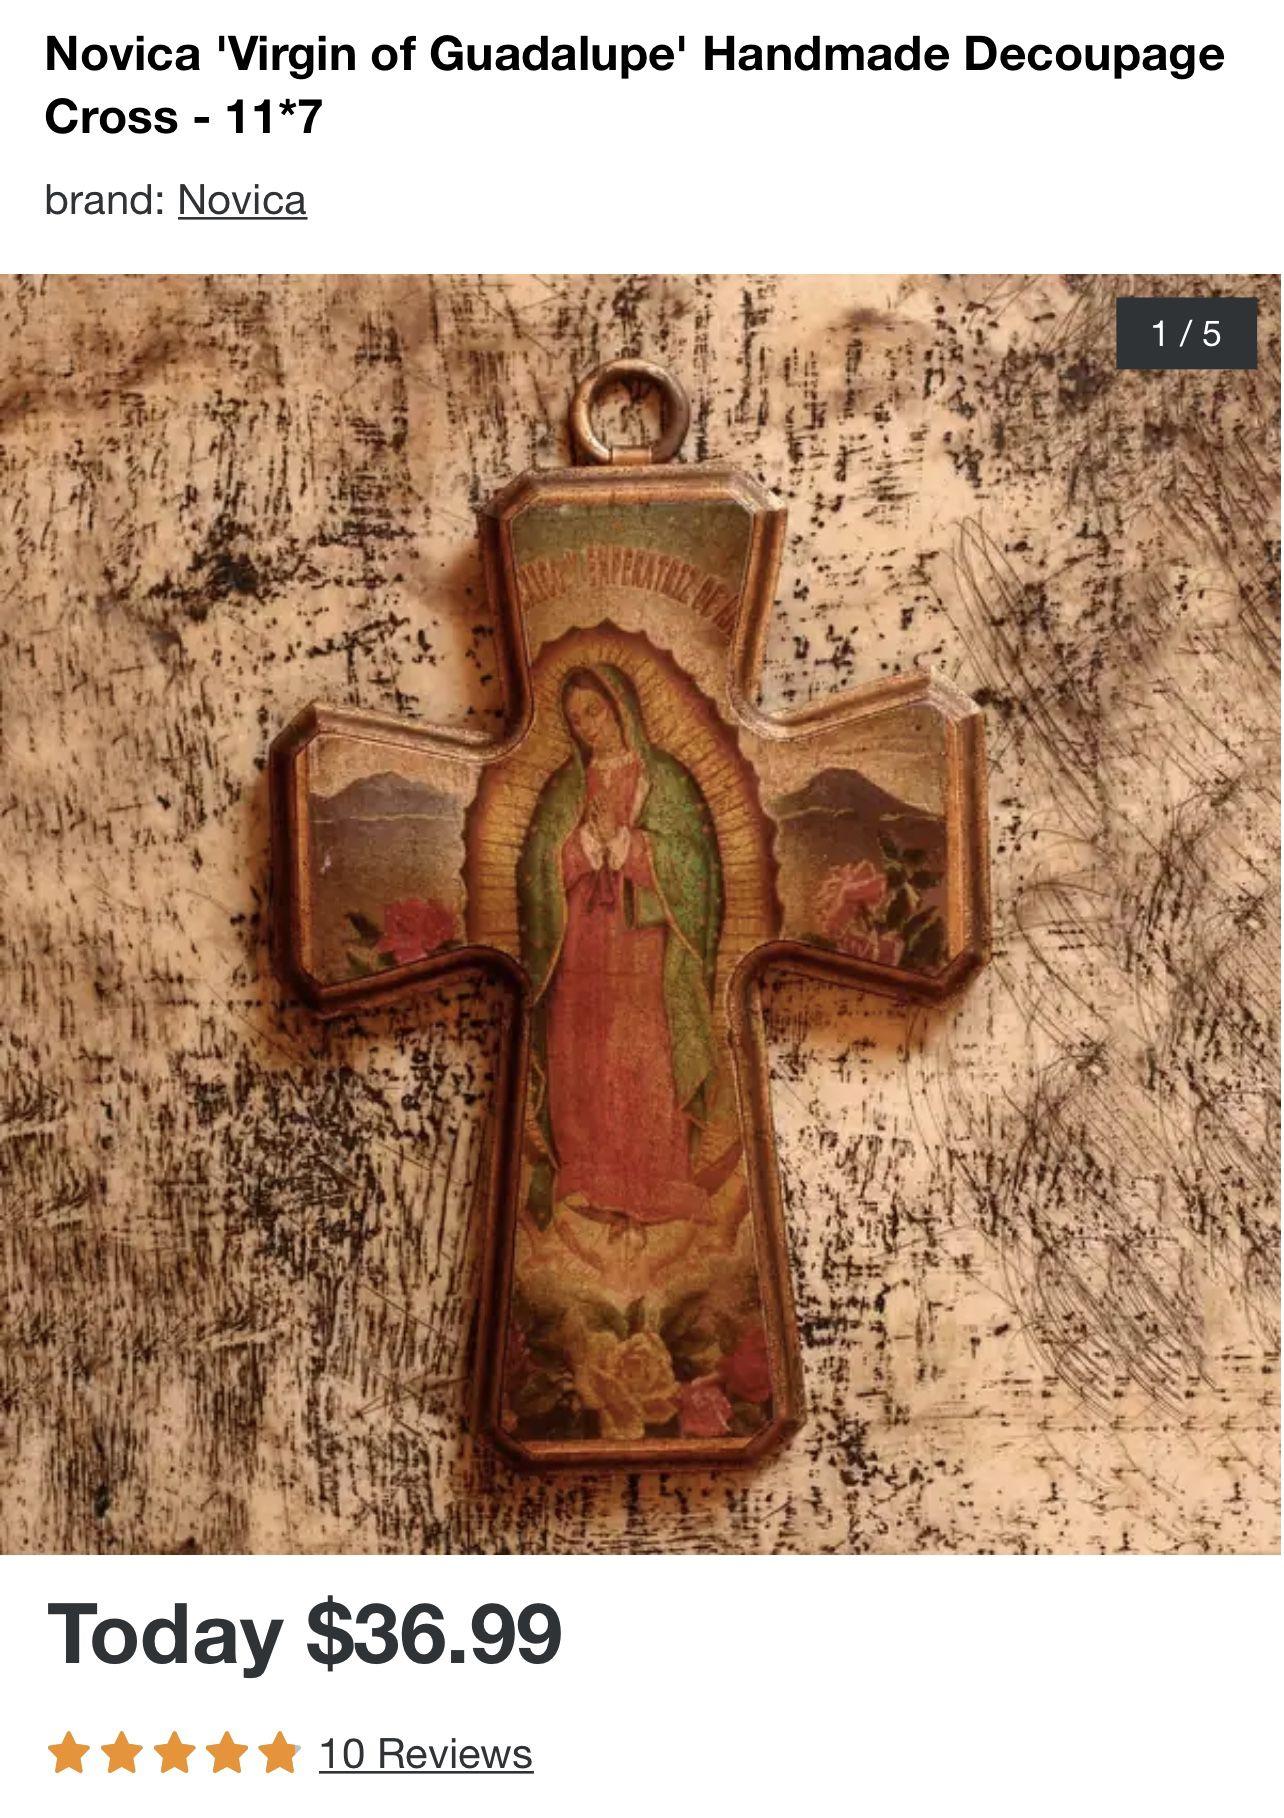 Novica 'Virgin of Guadalupe' Handmade Decoupage Cross - 11*7 set of 2